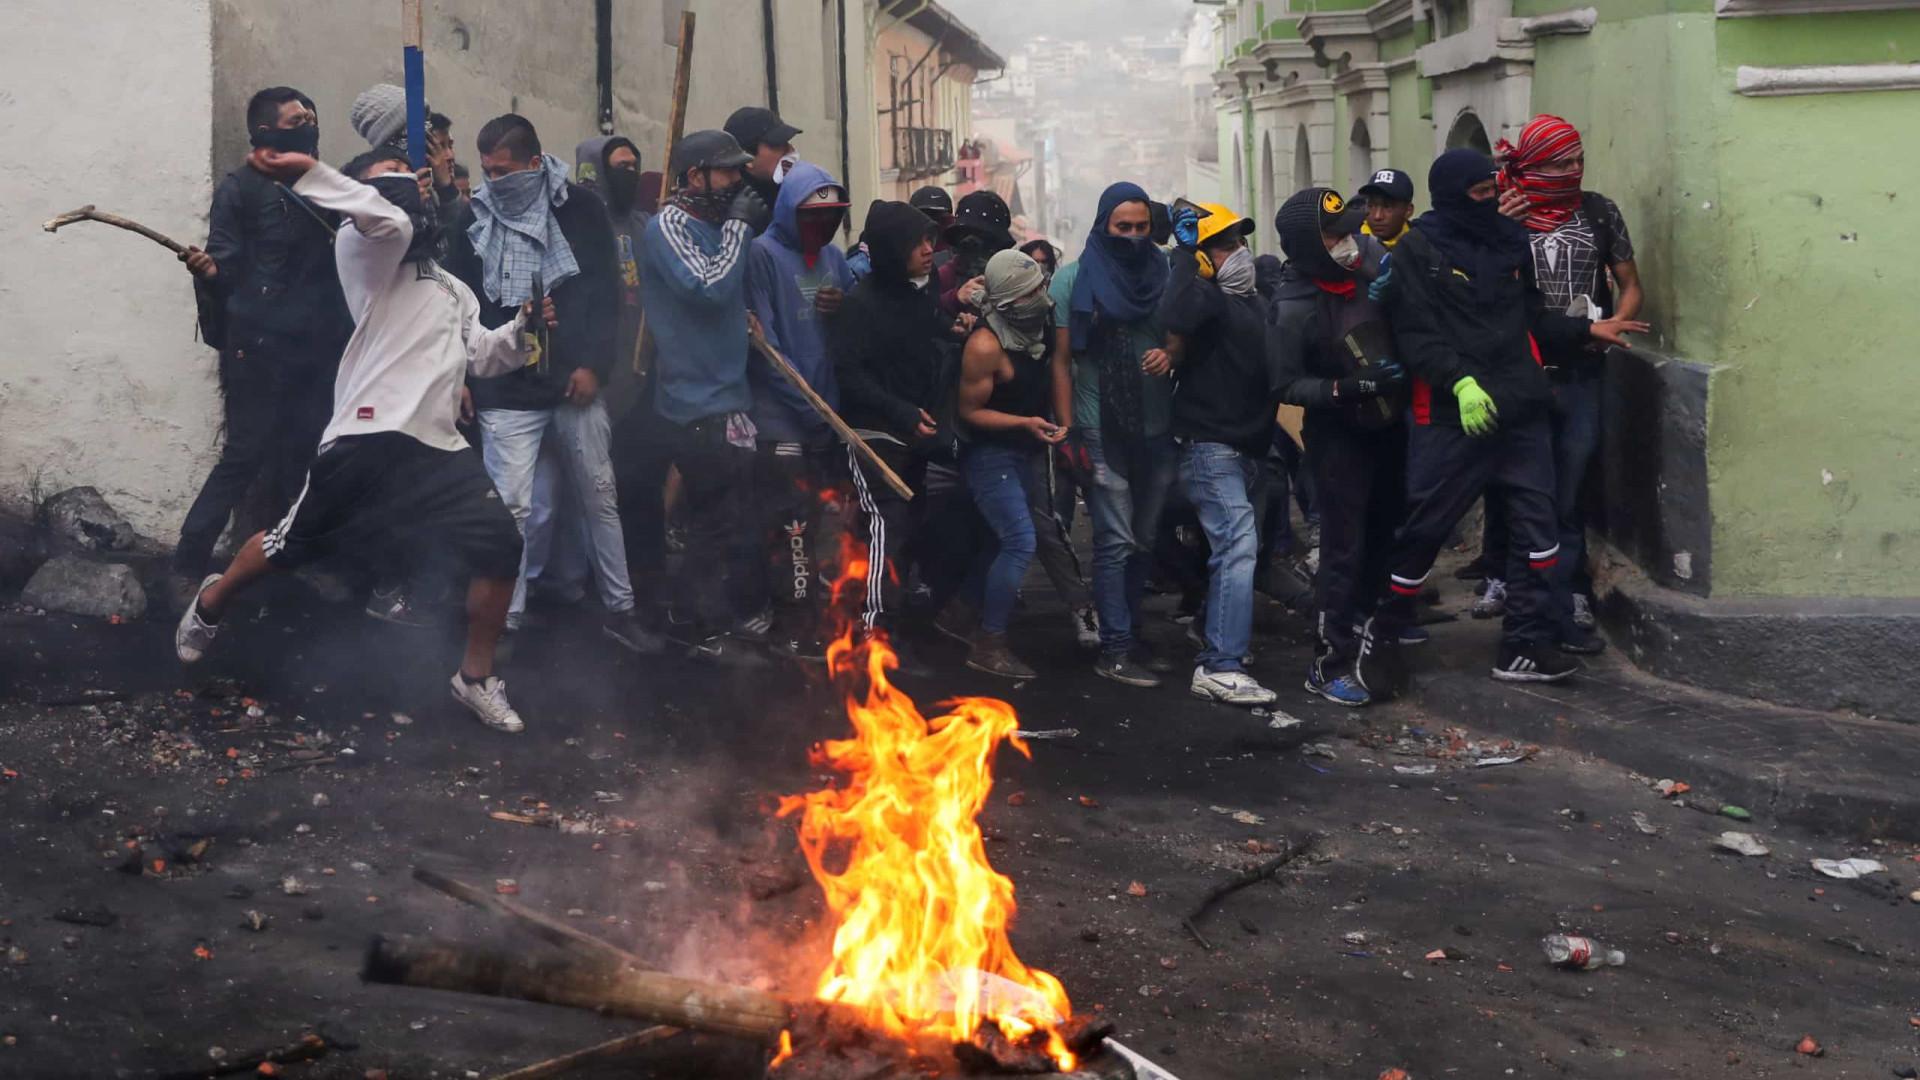 Milhares de indígenas chegam ao centro militarizado de Quito